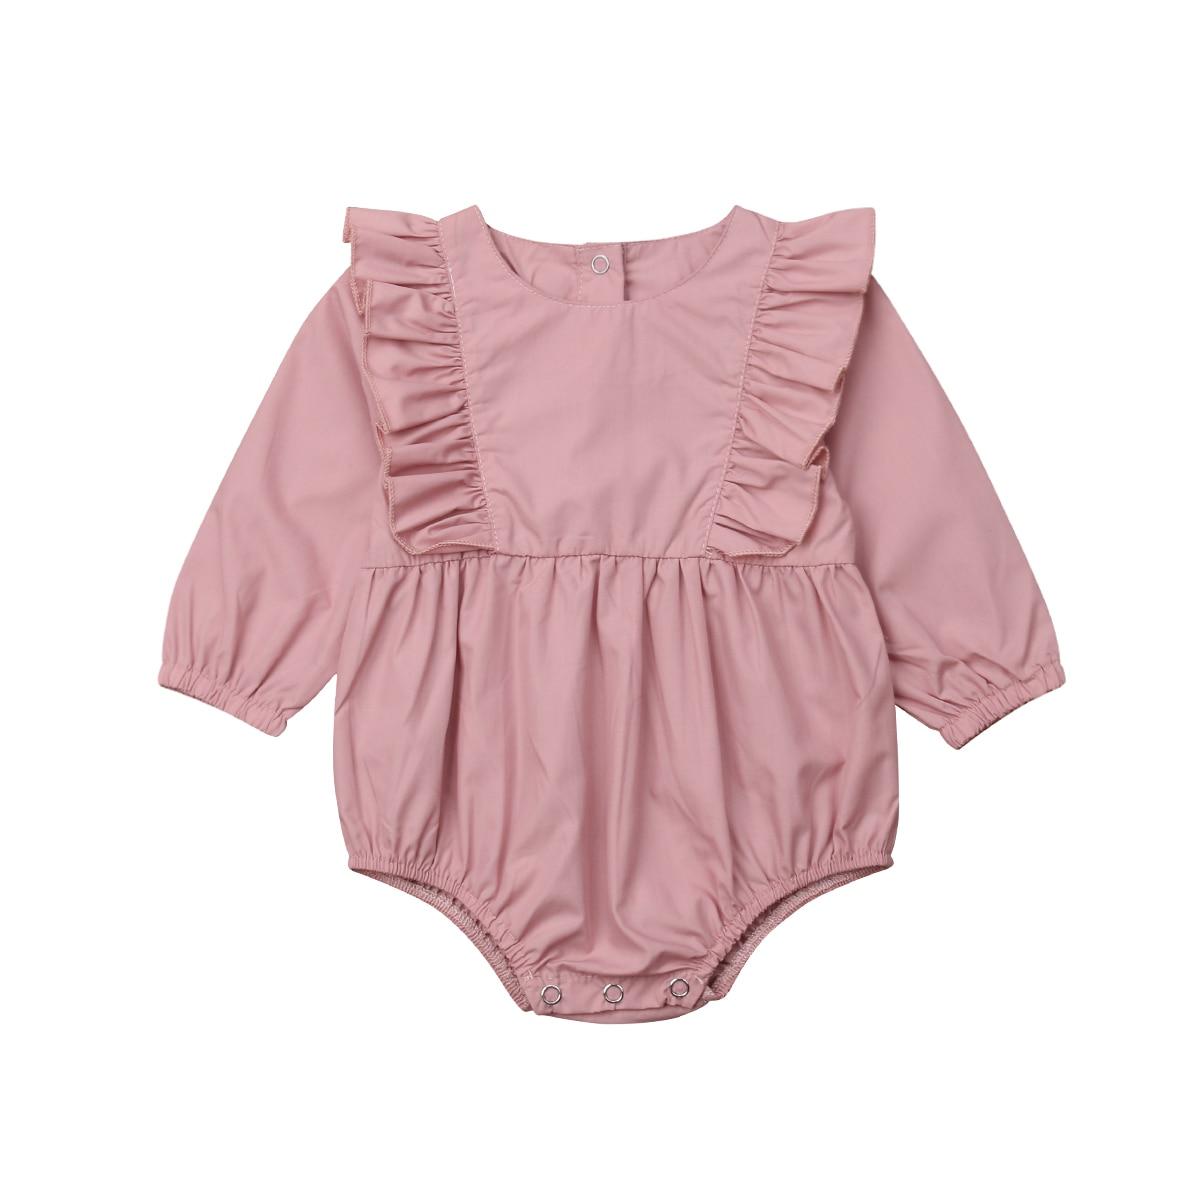 0-24 M Leuke Pasgeboren Baby Meisje Lange Mouw Ruches Romper Jumpsuit Speelpakje Outfits Babykleertjes Geschikt Voor Mannen, Vrouwen En Kinderen